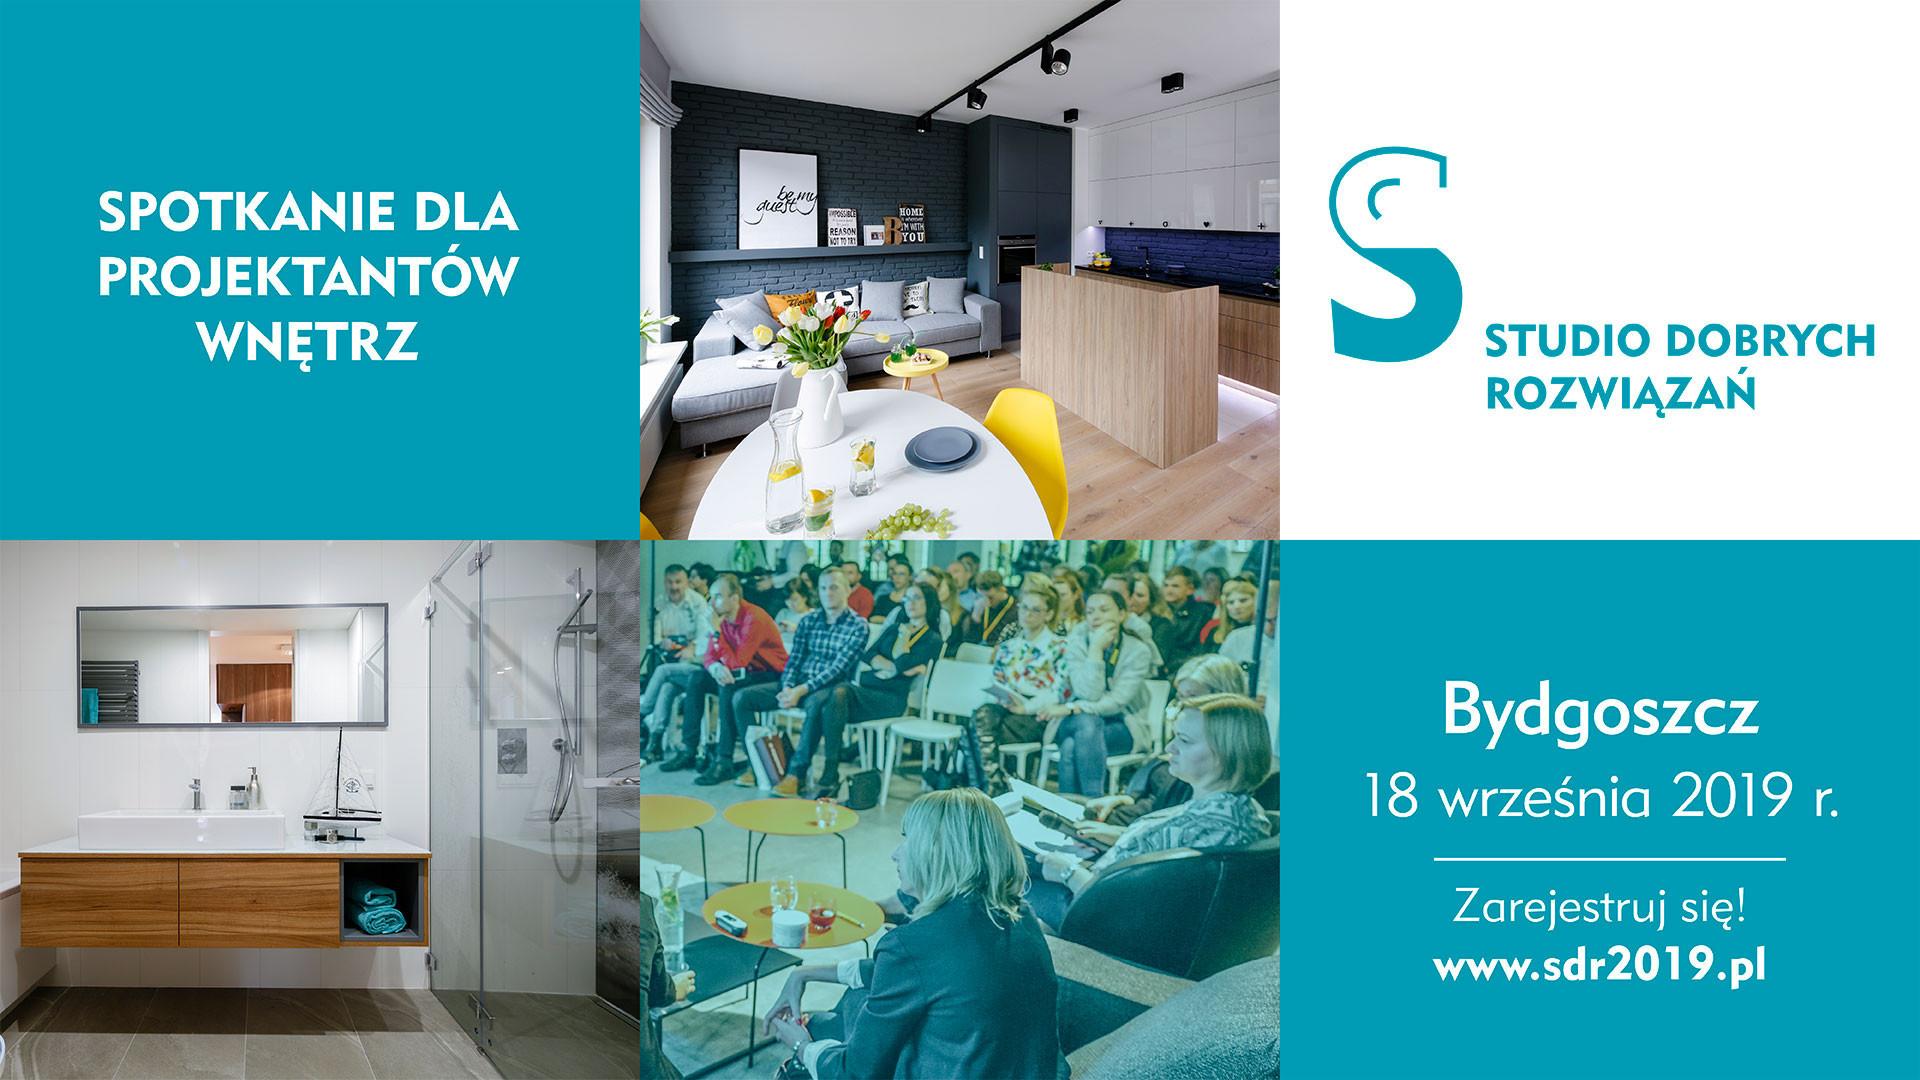 Studio Dobrych Rozwiązań w Bydgoszczy - 18 września 2019.